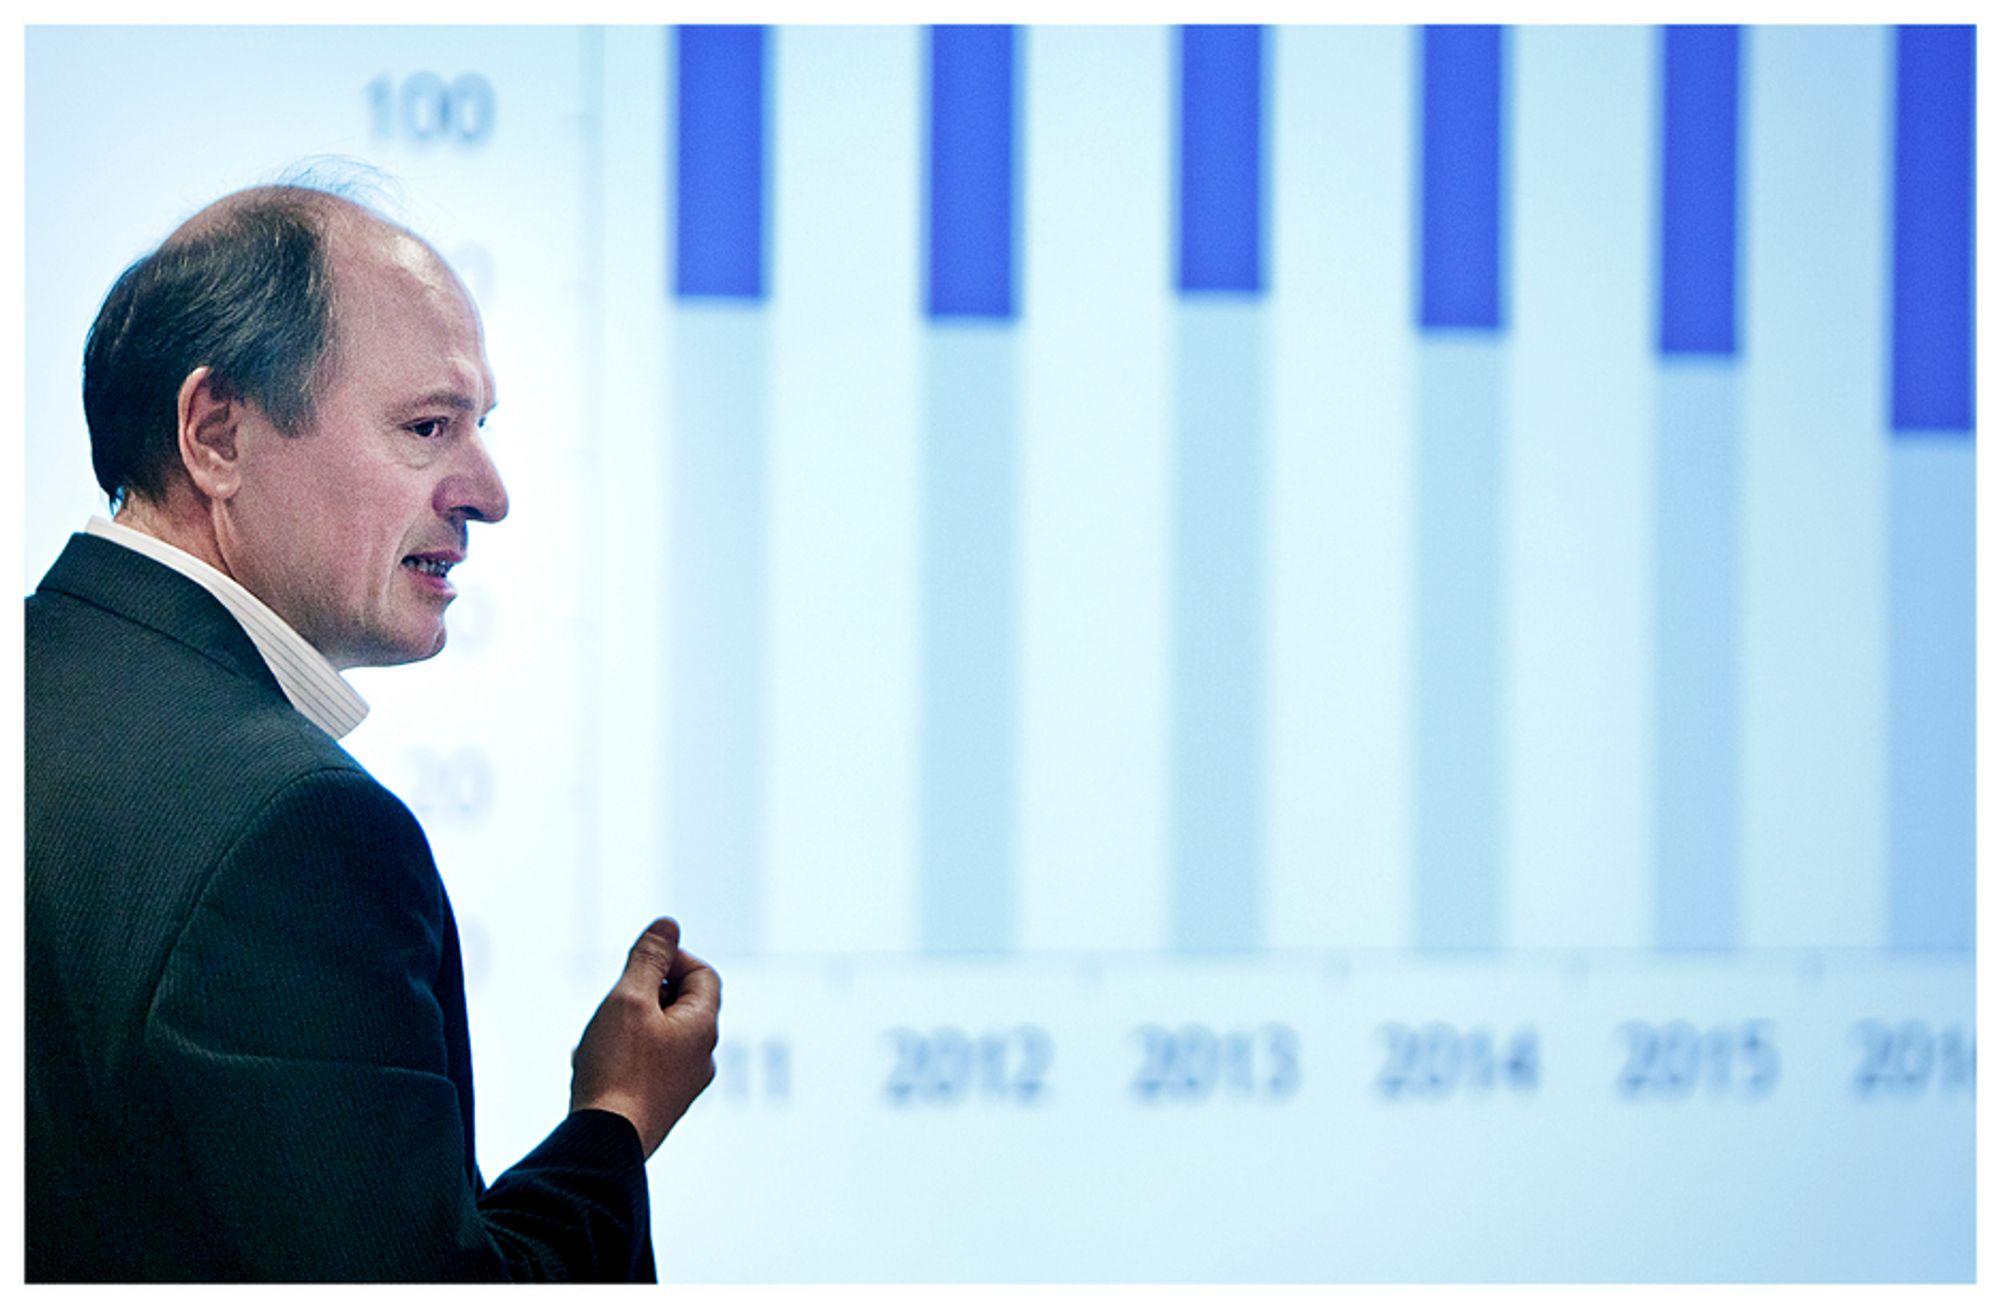 Bjørn Harald Martinsen spår høye investeringer, prisvekst og forskyvning av prosjekter på norsk sokkel